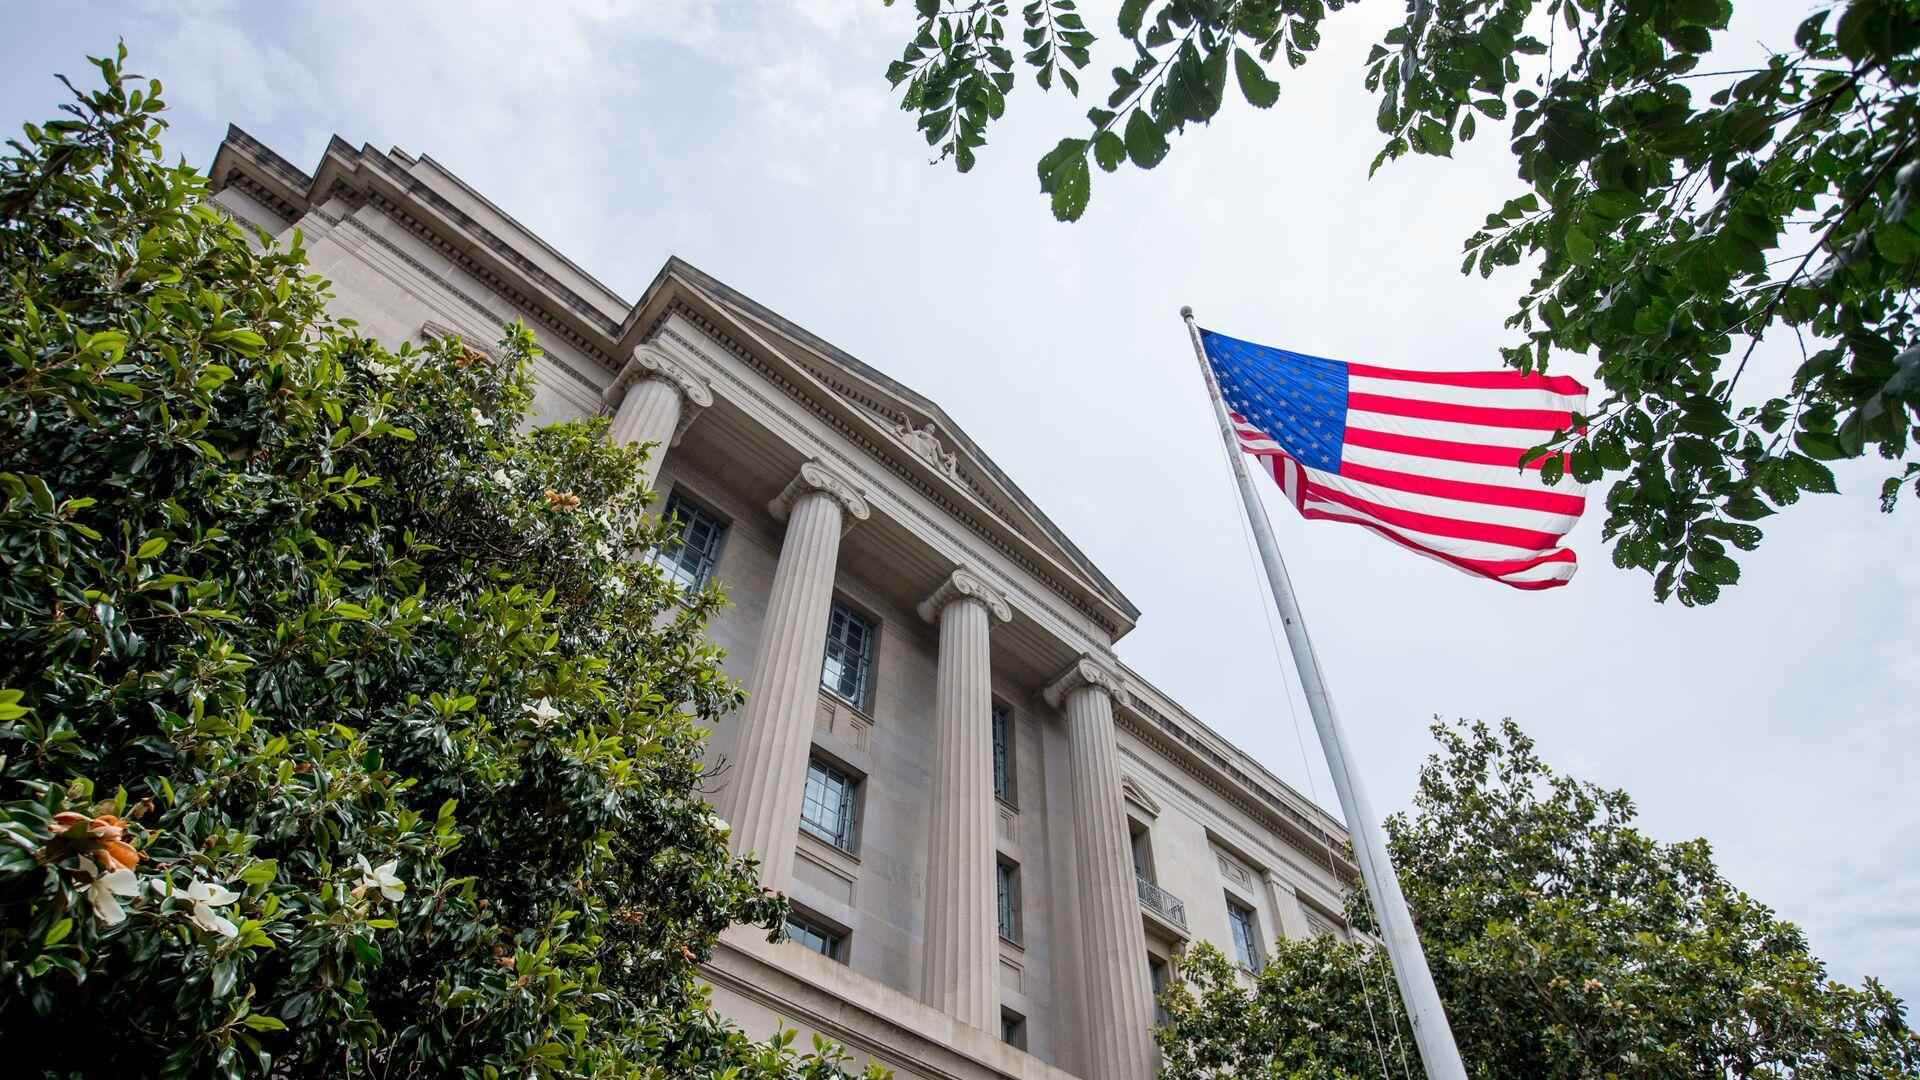 El edificio del Departamento de Justicia de EEUU - Sputnik Mundo, 1920, 07.05.2021